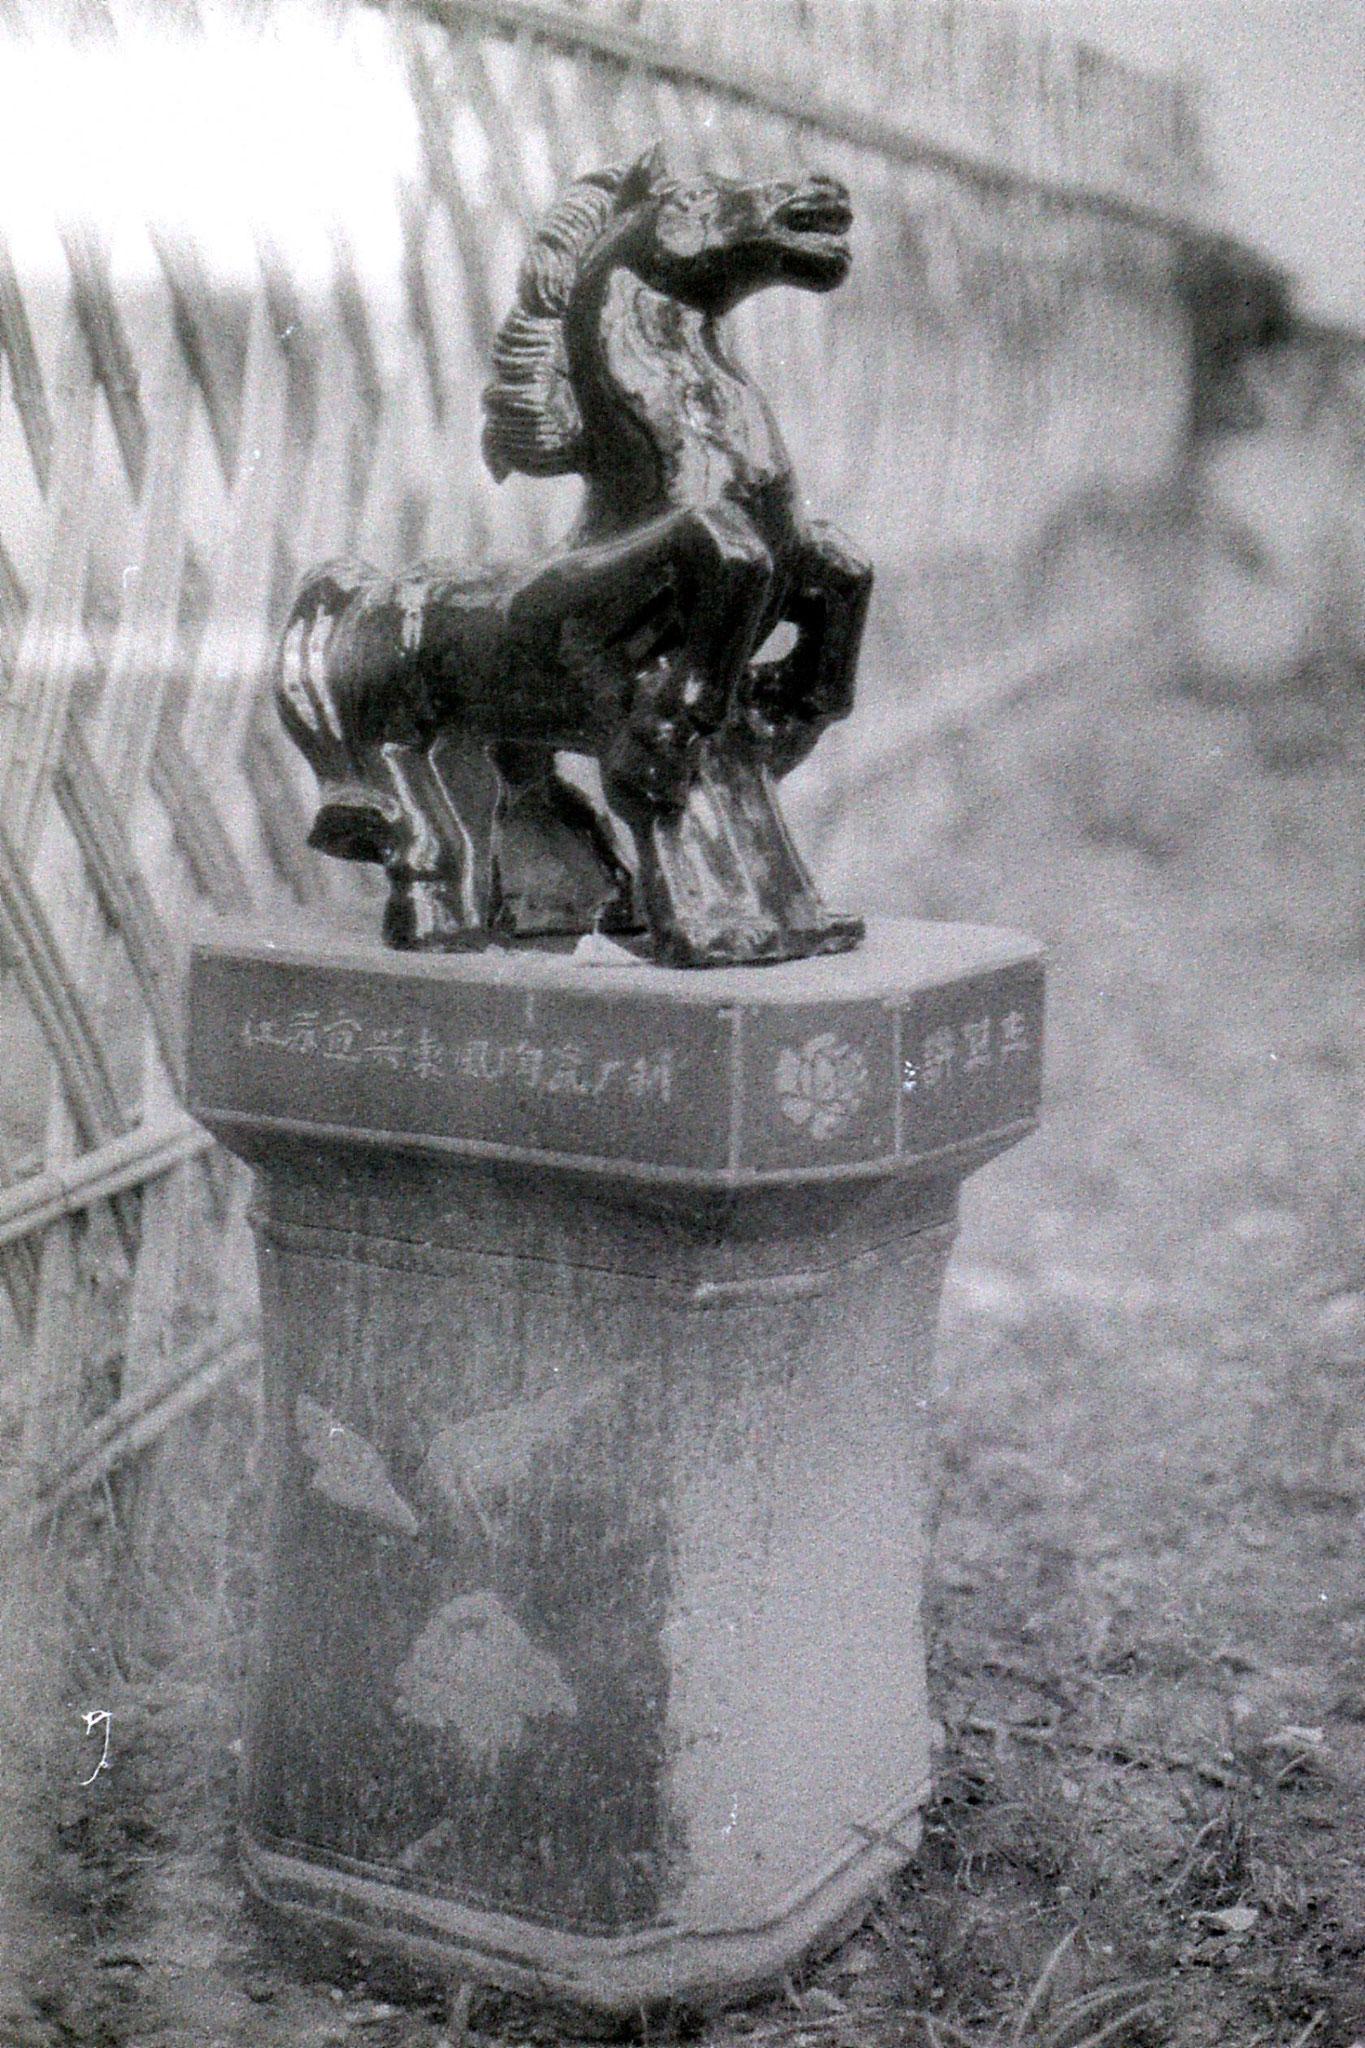 26/6/1989: 0: Shaoxing, horse rubbish bin